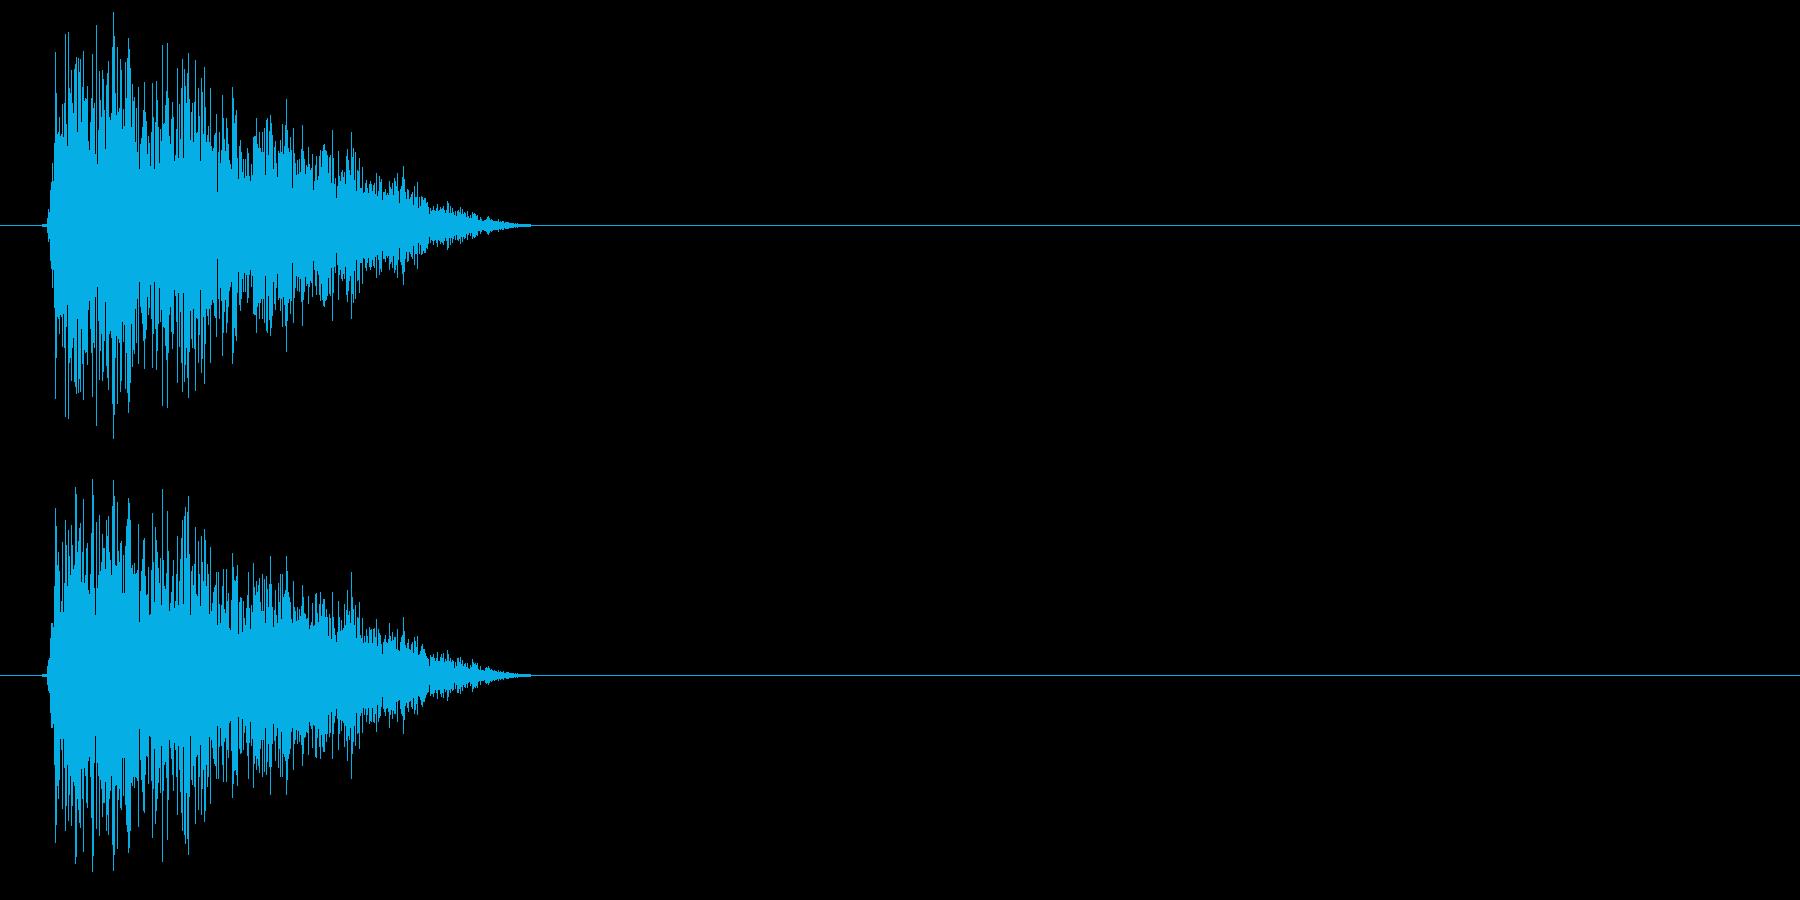 シュイッ(STG、カーソル、スワイプ等)の再生済みの波形